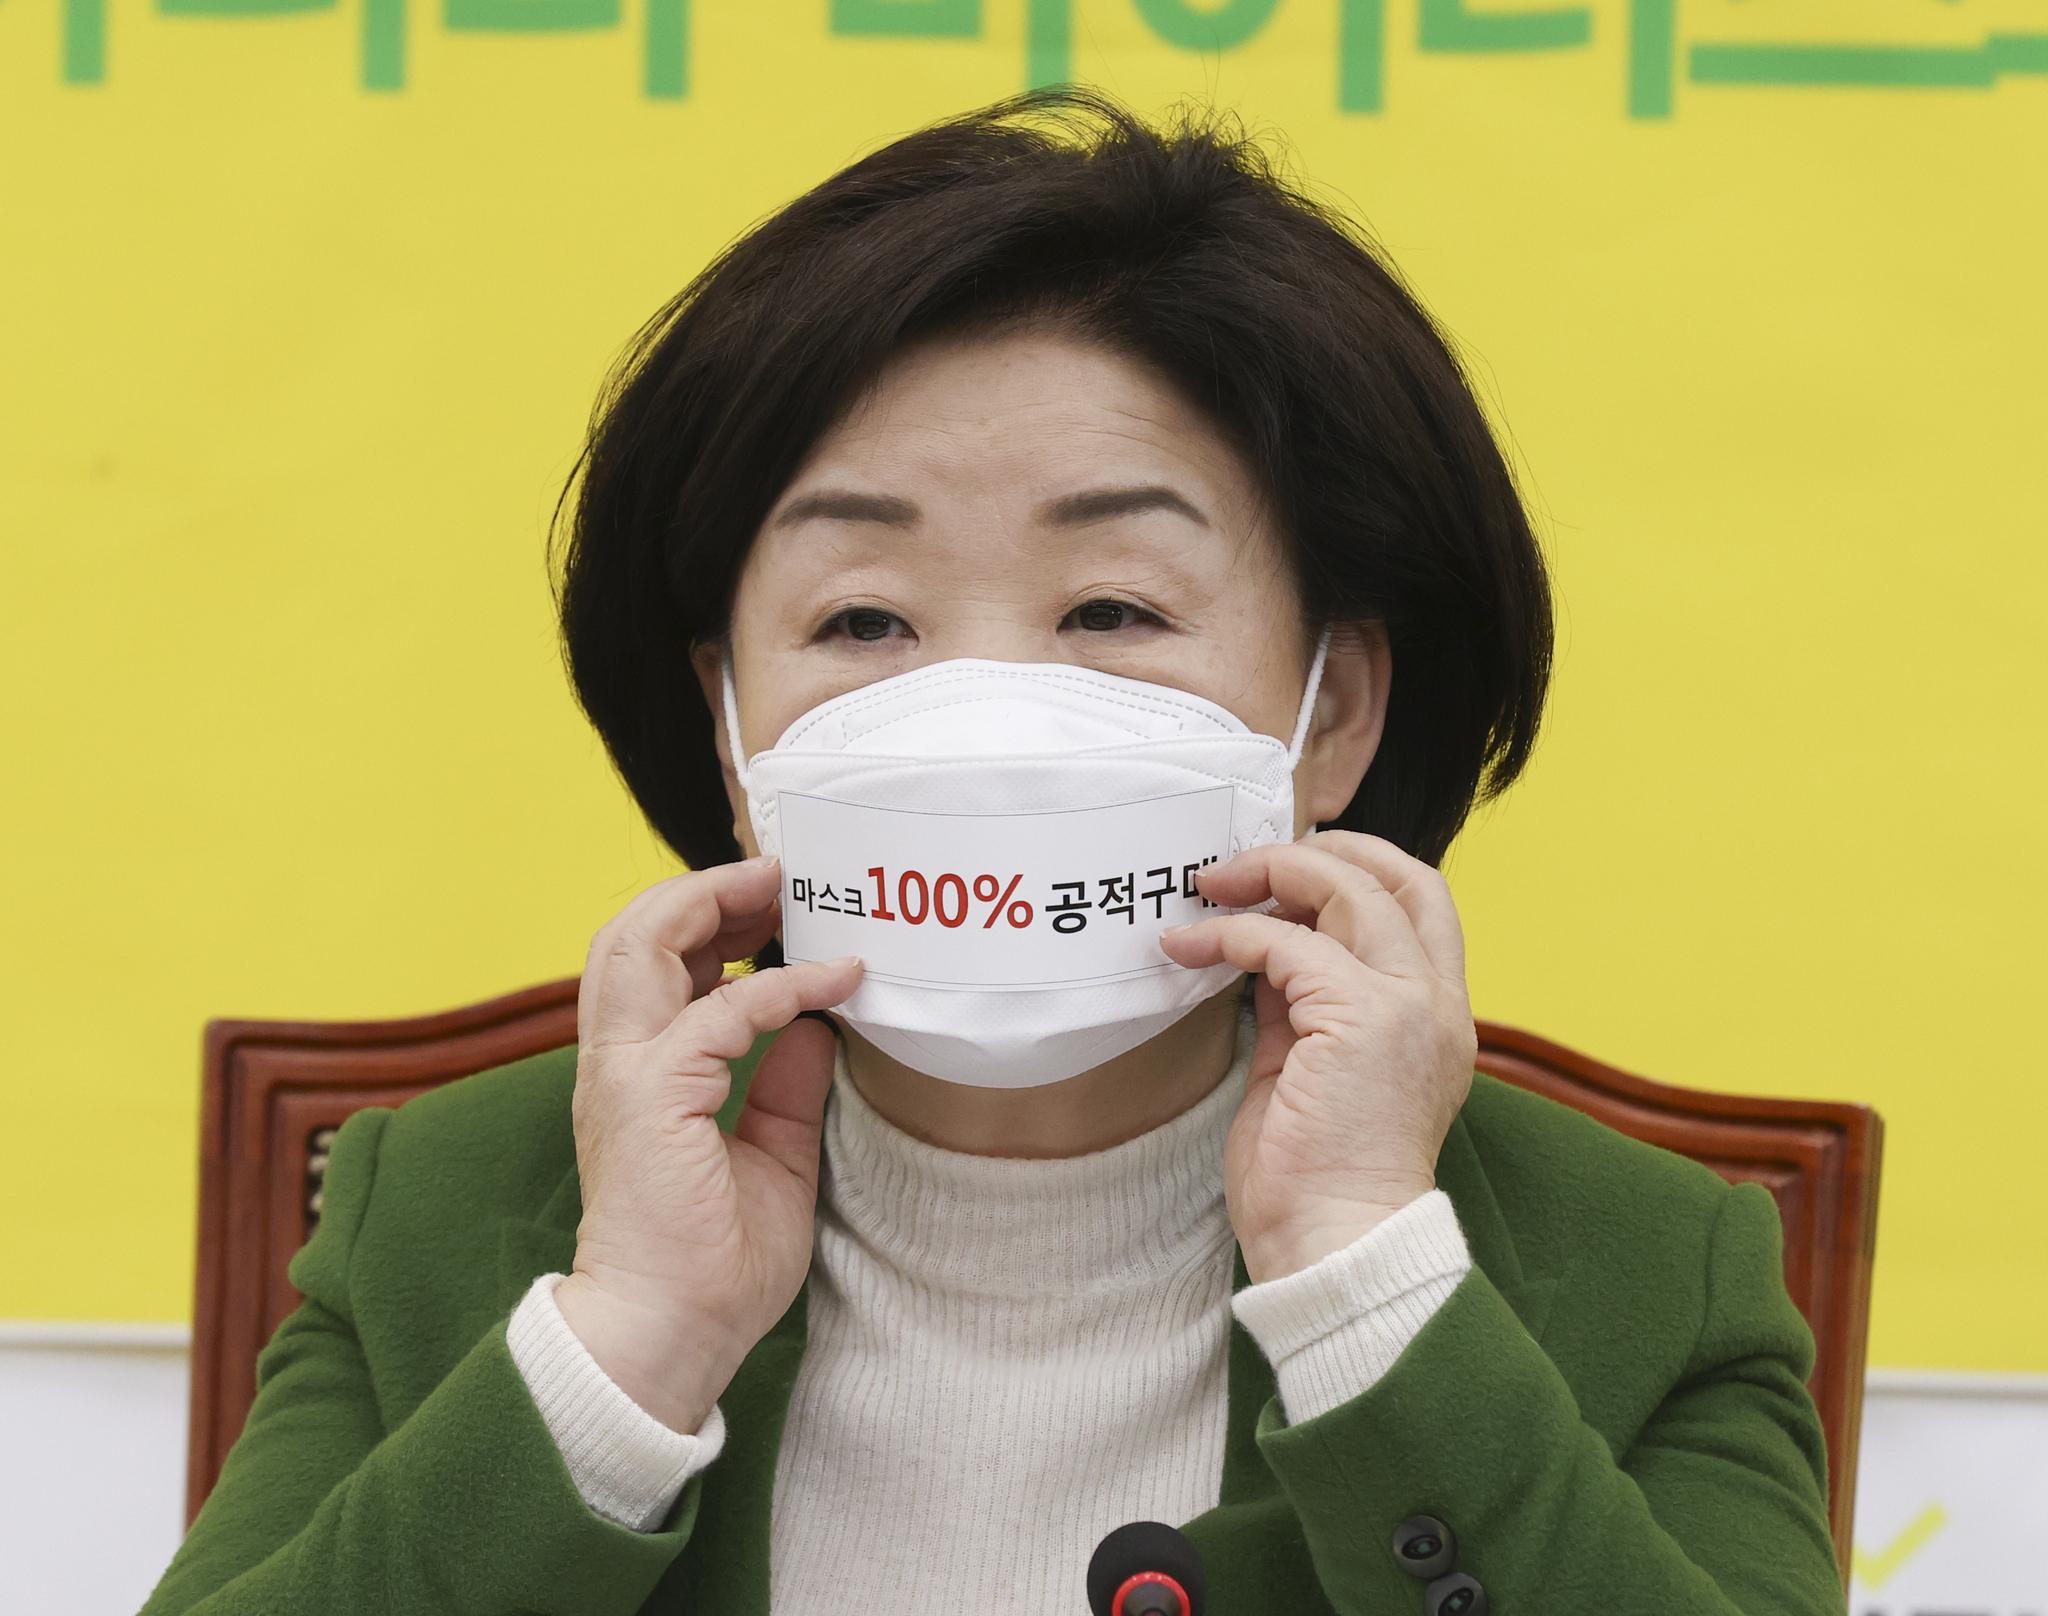 심상정 정의당 대표가 5일 오전 국회에서 열린 상무위원회에서 마스크를 착용하고 있다. 임현동 기자